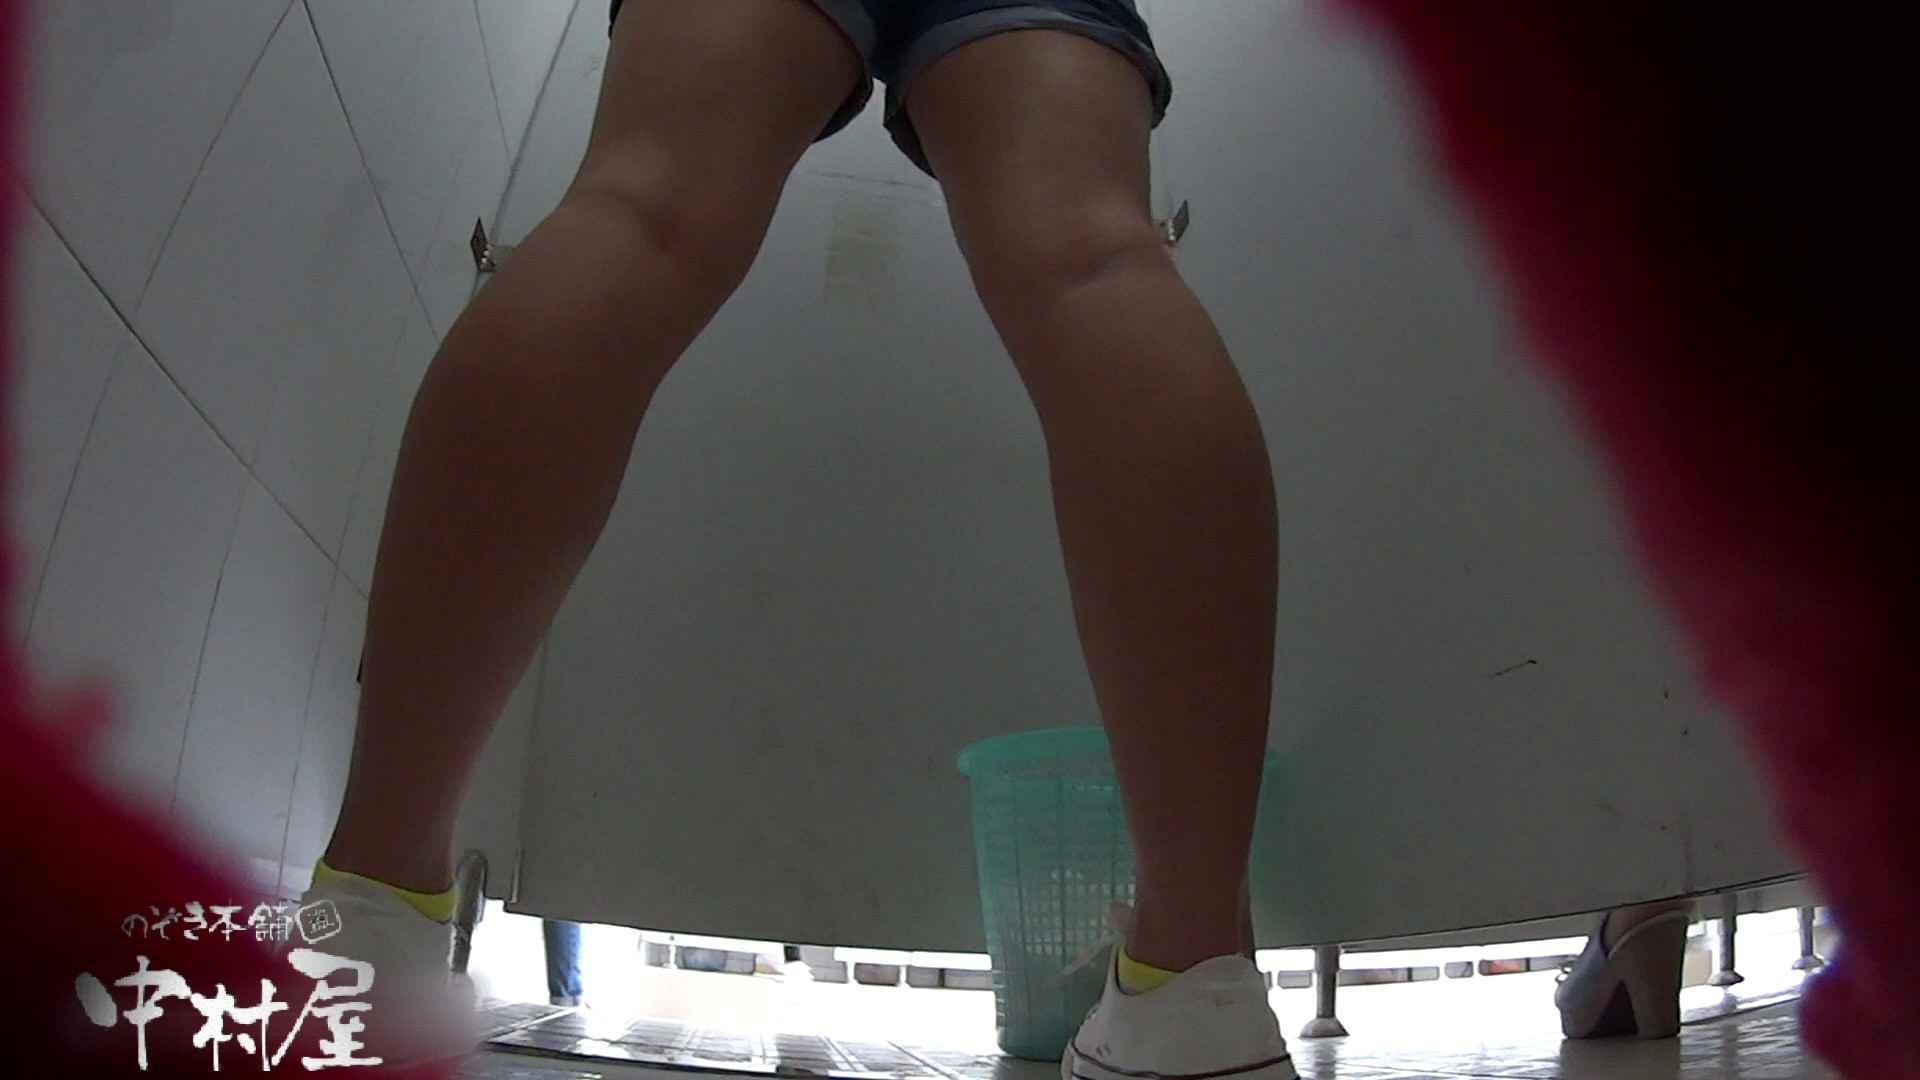 綺麗な桃尻ギャル 大学休憩時間の洗面所事情23 お姉さんハメ撮り  54Pix 48